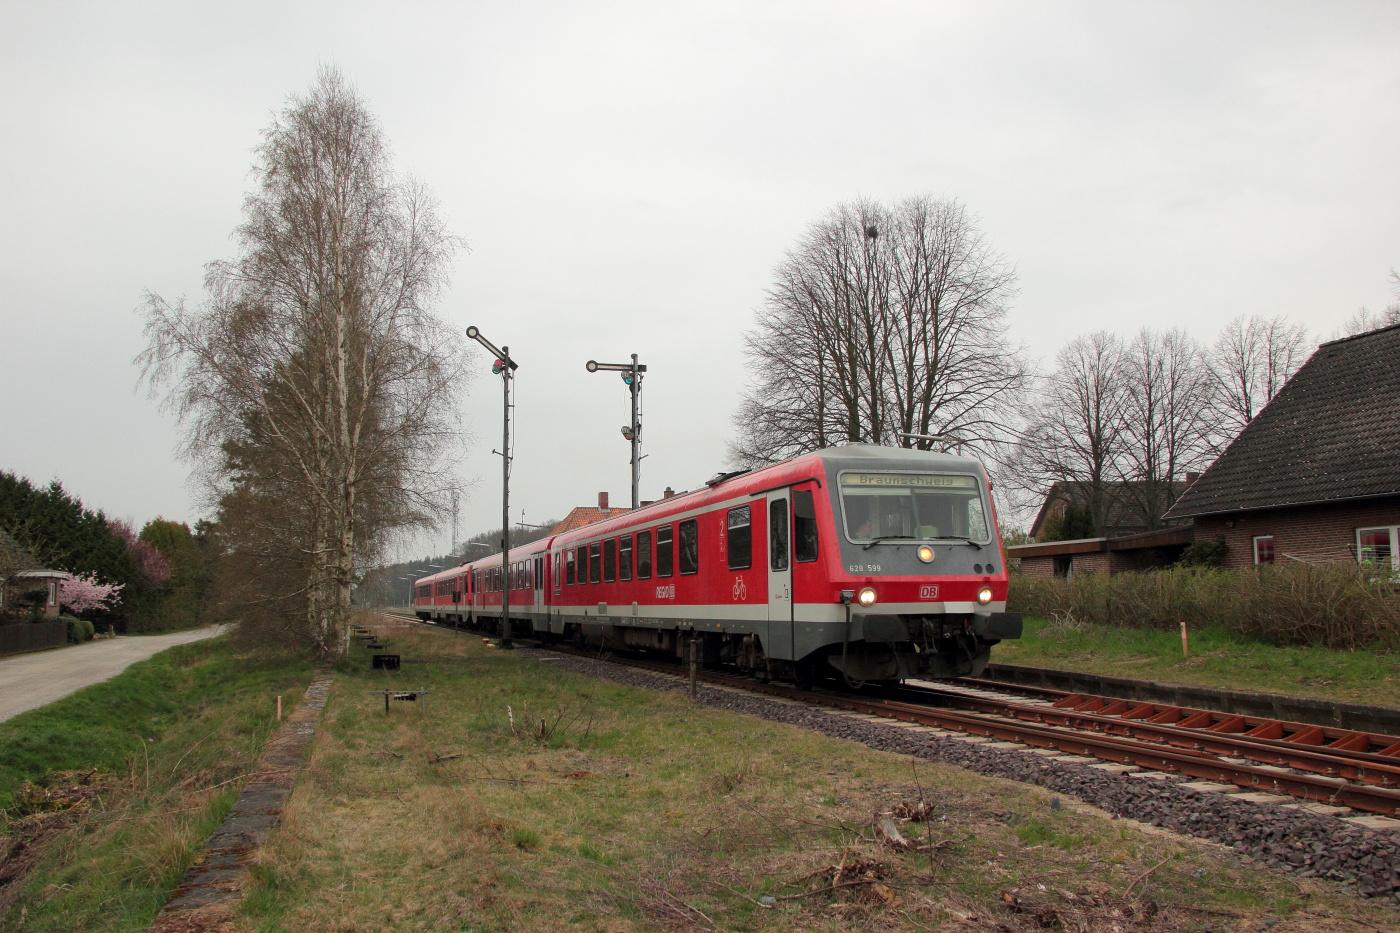 http://www.nachtbahner.de/Fotos/2014-04-05%20M%c3%bchlenbahn/k-IMG_2670%20KBS%20115%20M%c3%bchlenbahn%2005.04.14%20(15).JPG